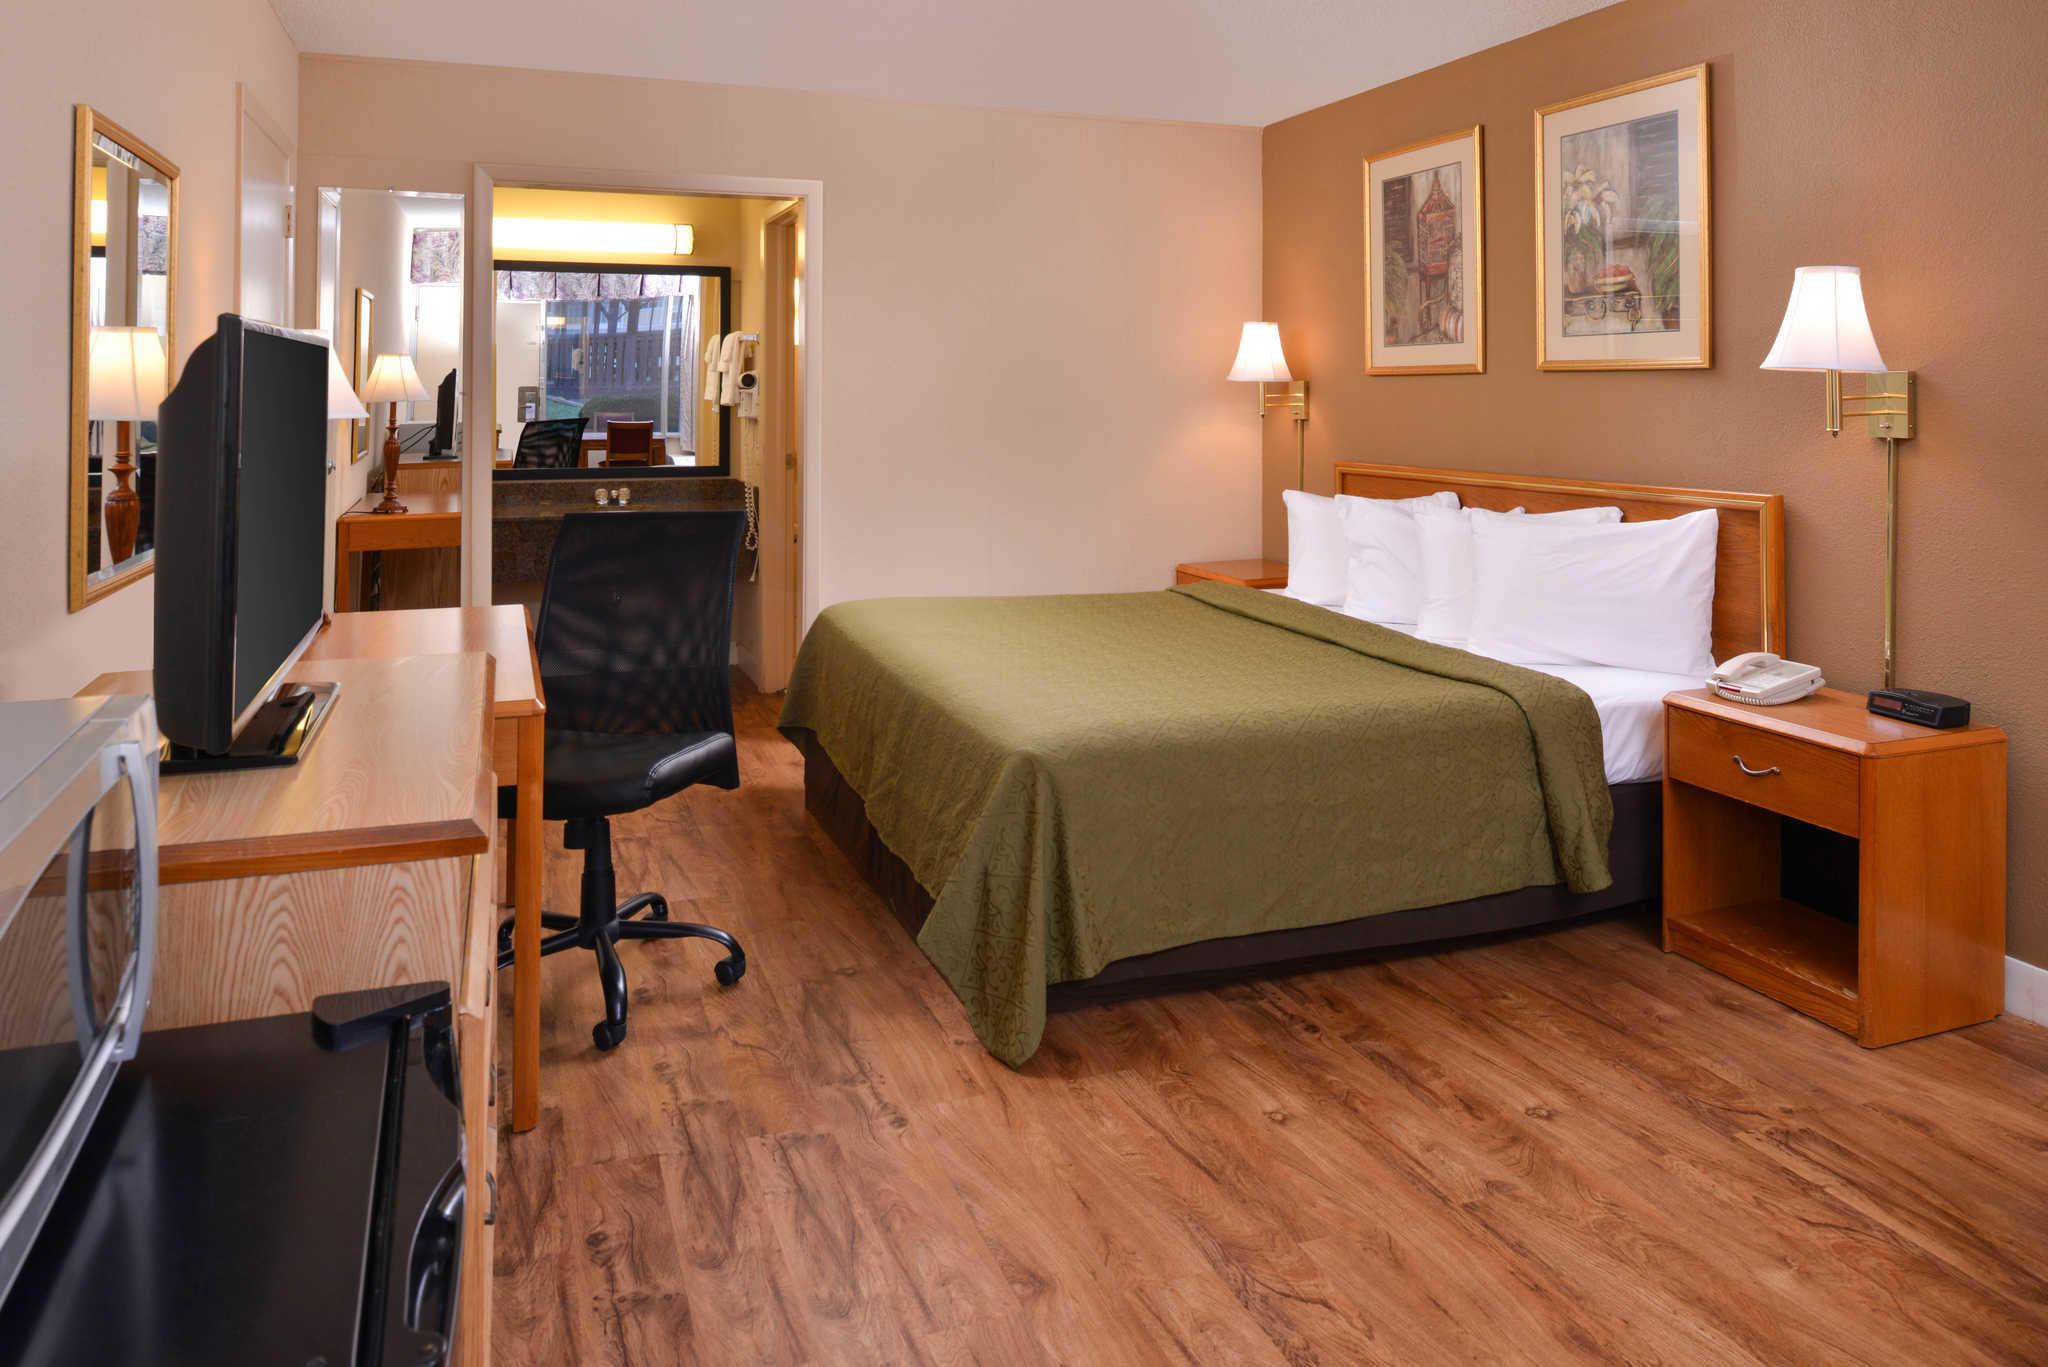 Quality Inn Dutch Inn image 20